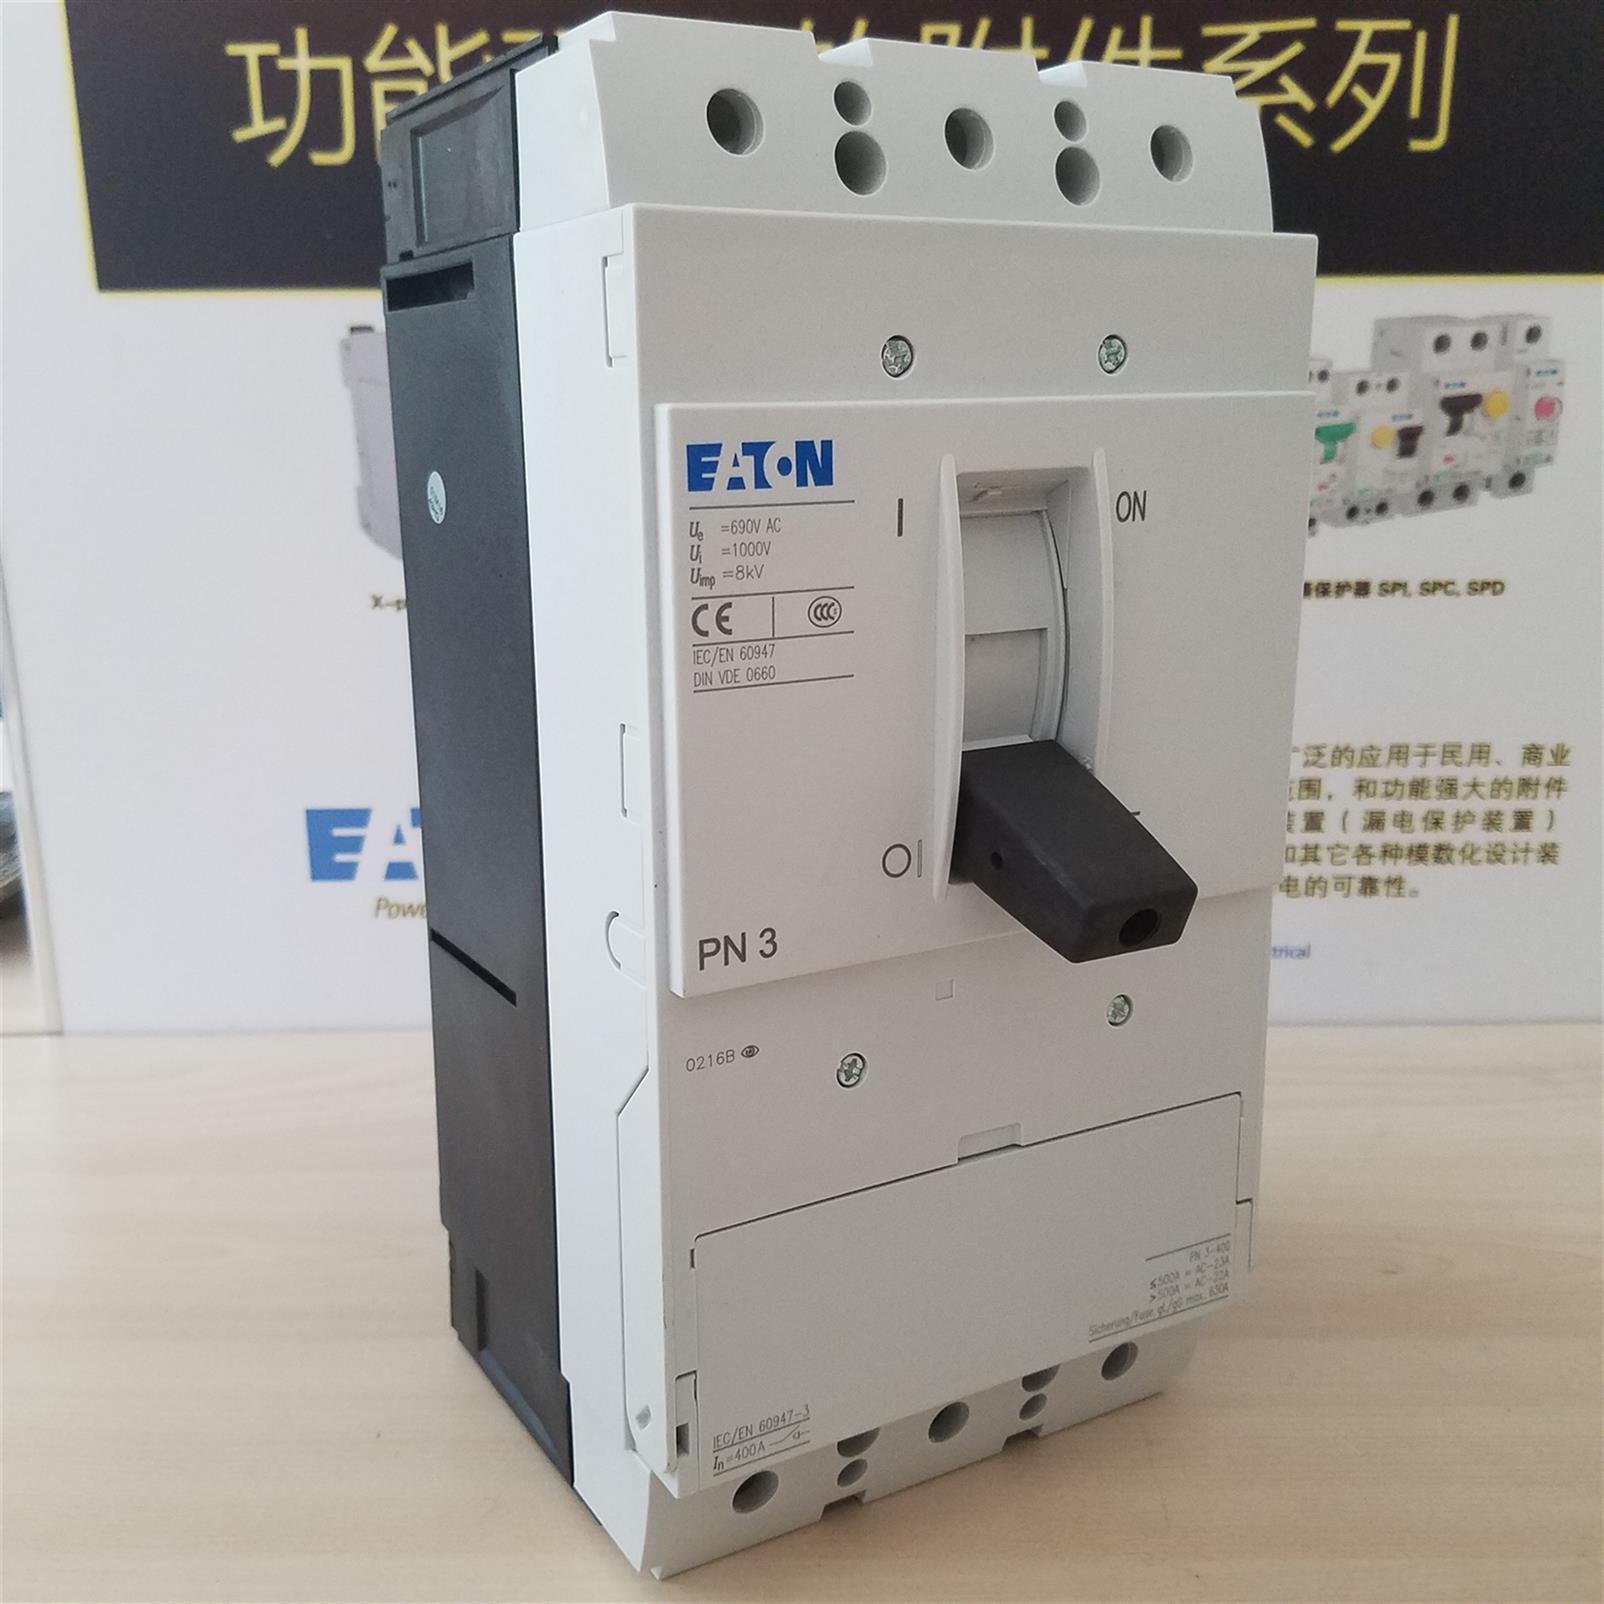 广州IZM91H3-V06W金钟穆勒塑壳断路器销售价格